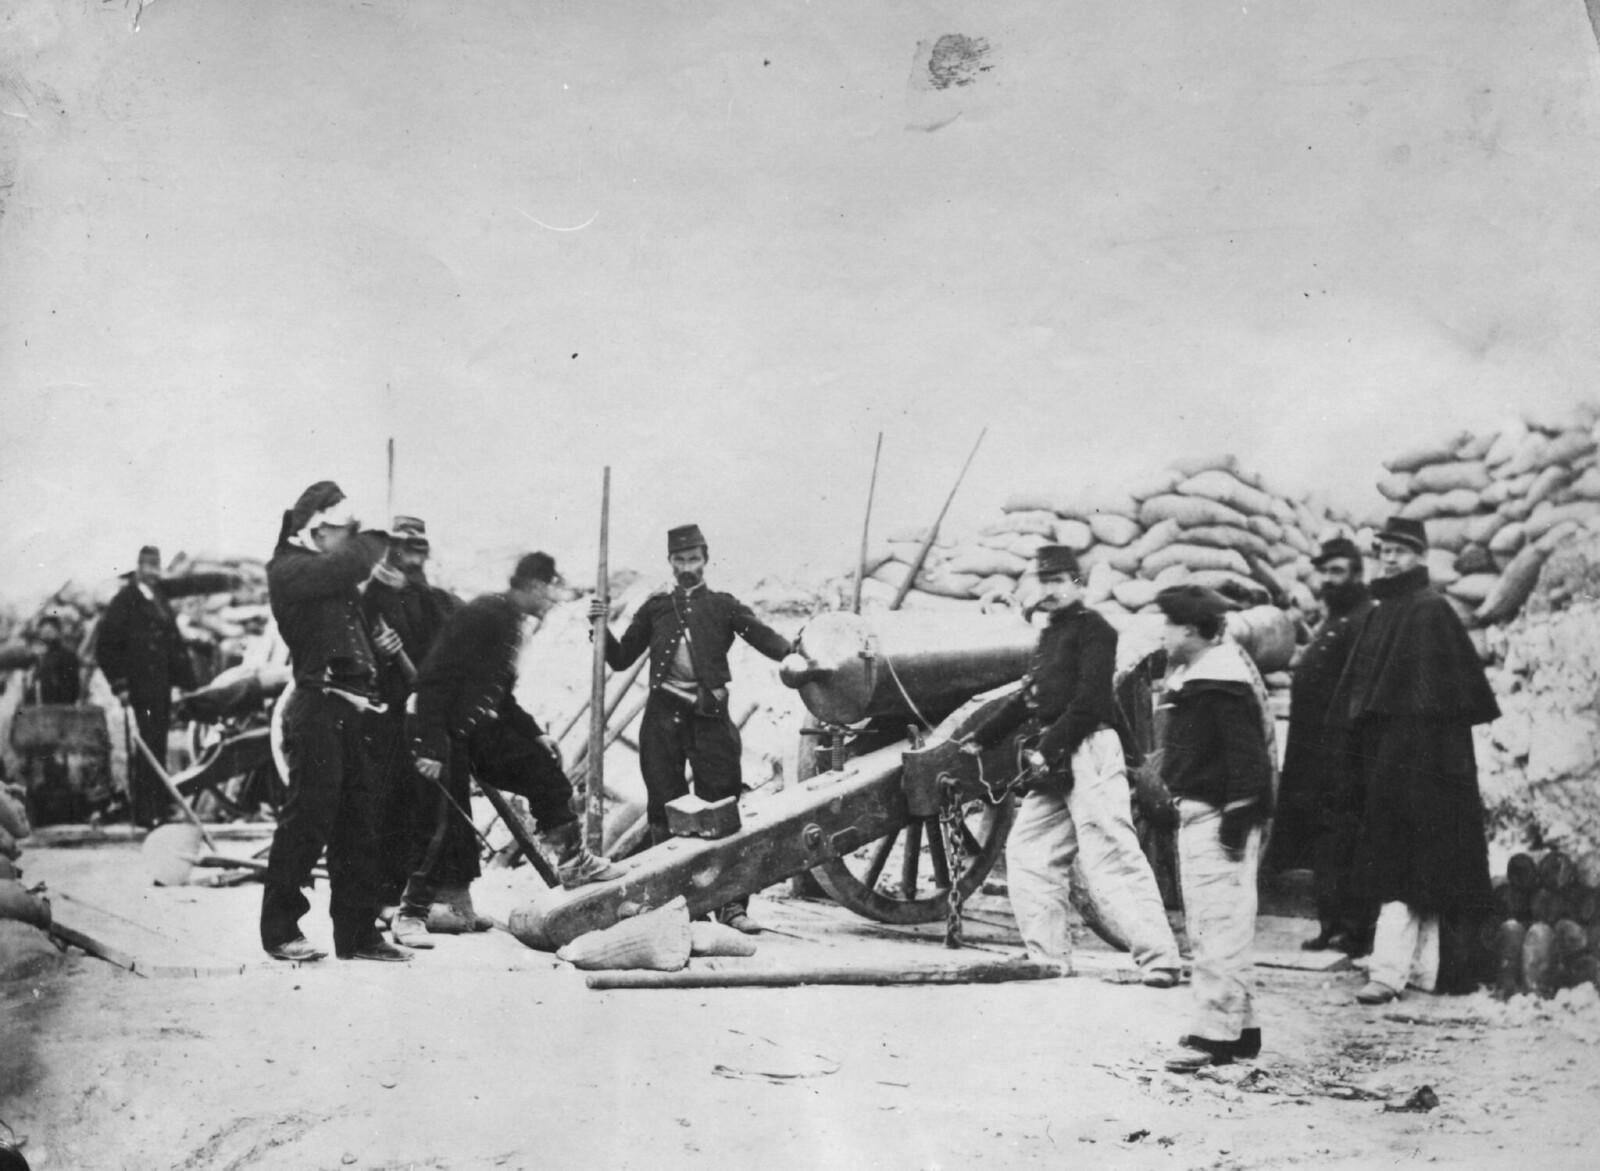 1871. Артиллерийская батарея во время гражданской войны между Третьей Республикой и Парижской Коммуной. 1 февраля